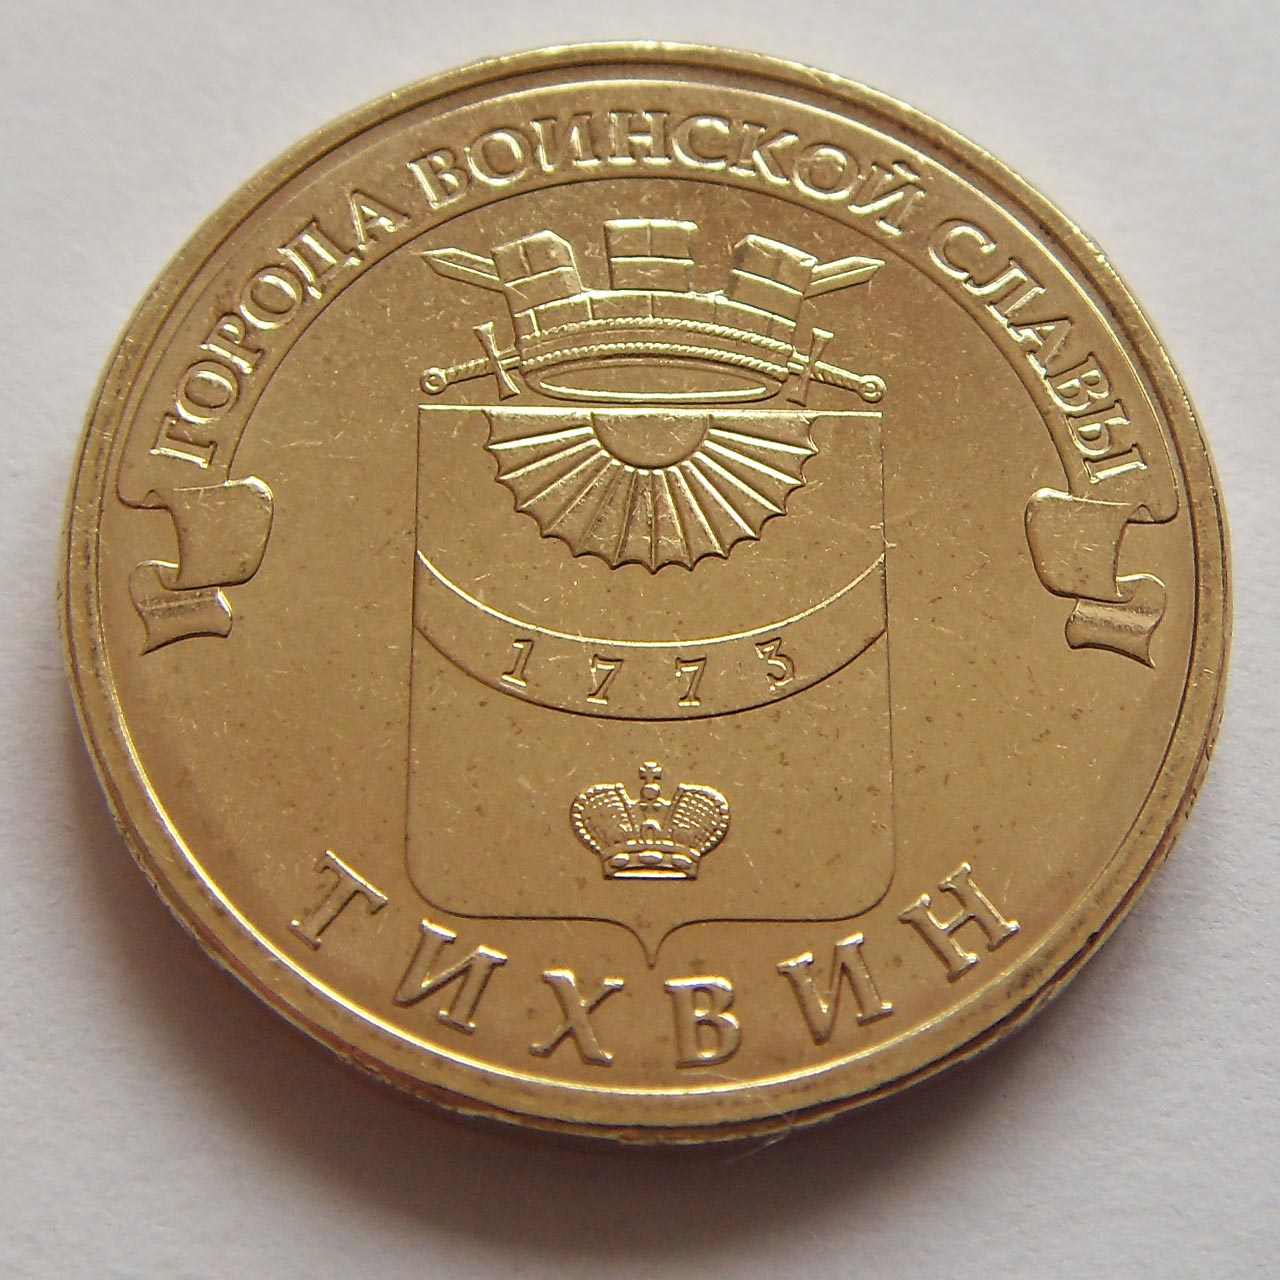 Тихвин 10 рублей юбилейные монеты 2 рубля 2000